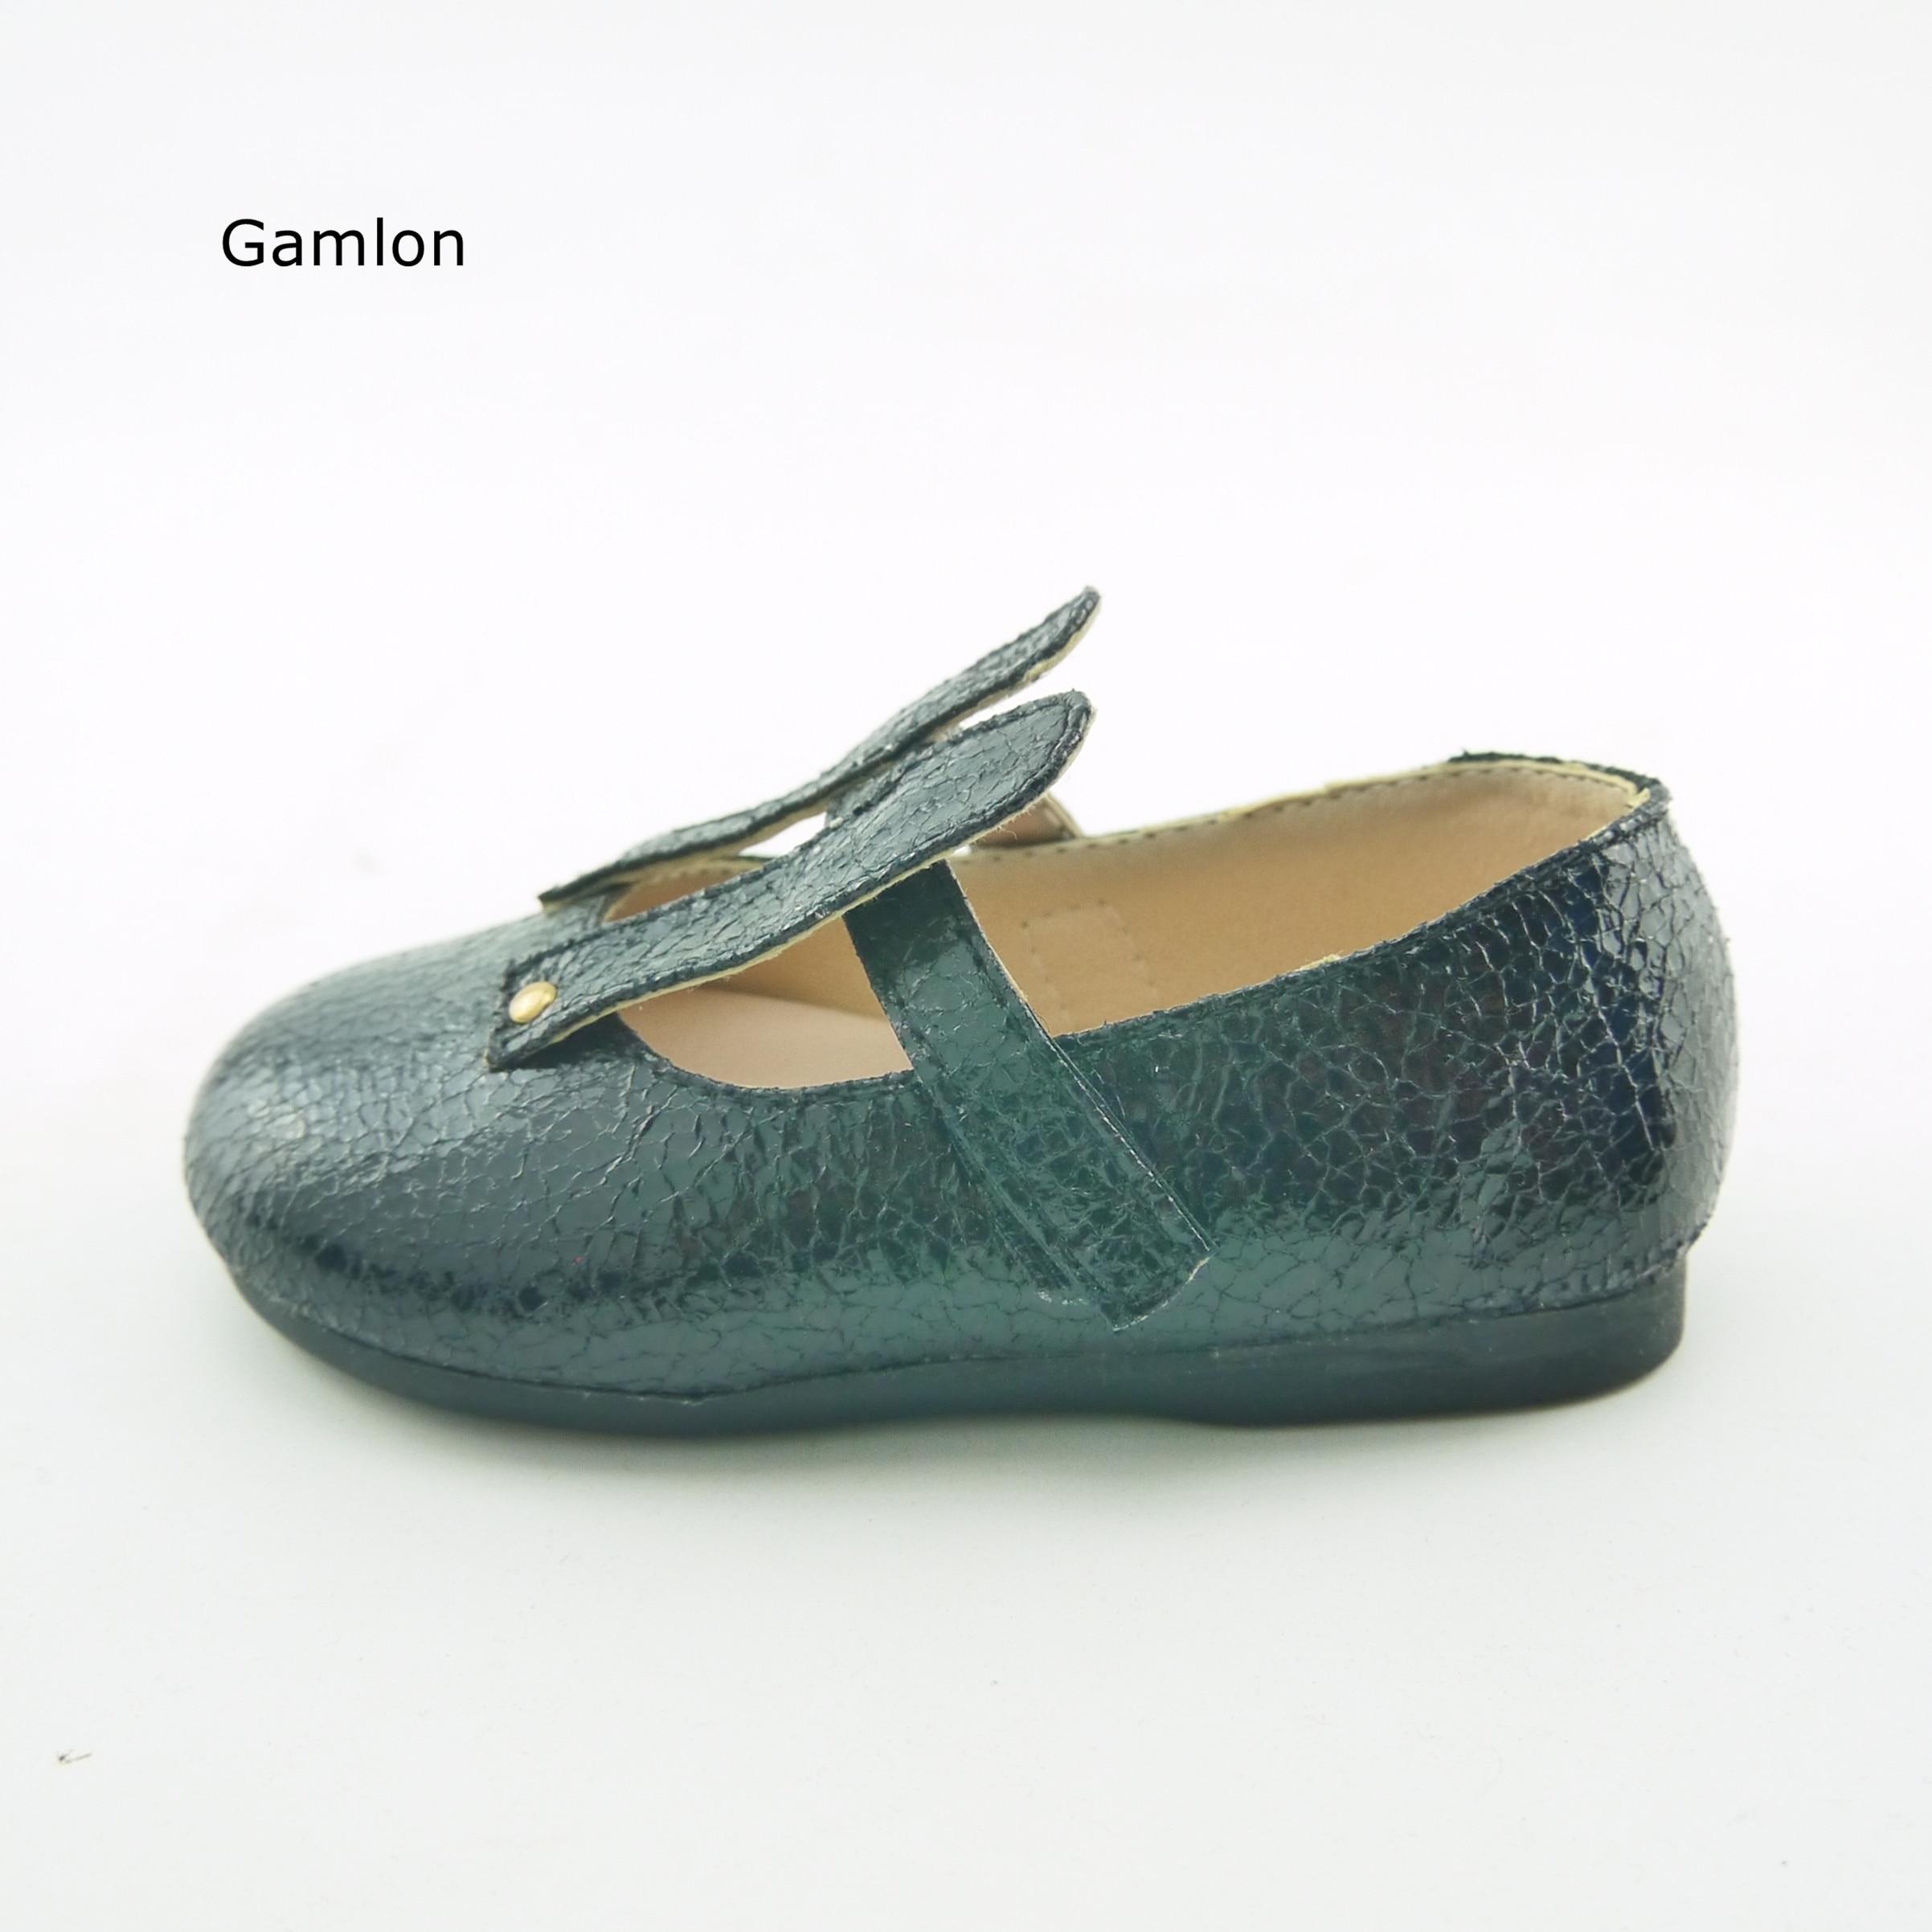 Zapatos de cuero para niños Gamlon Verano 2017 Primavera Otoño Zapatos para niñas Pisos de moda Orejas de conejo Princesa del baile para niños